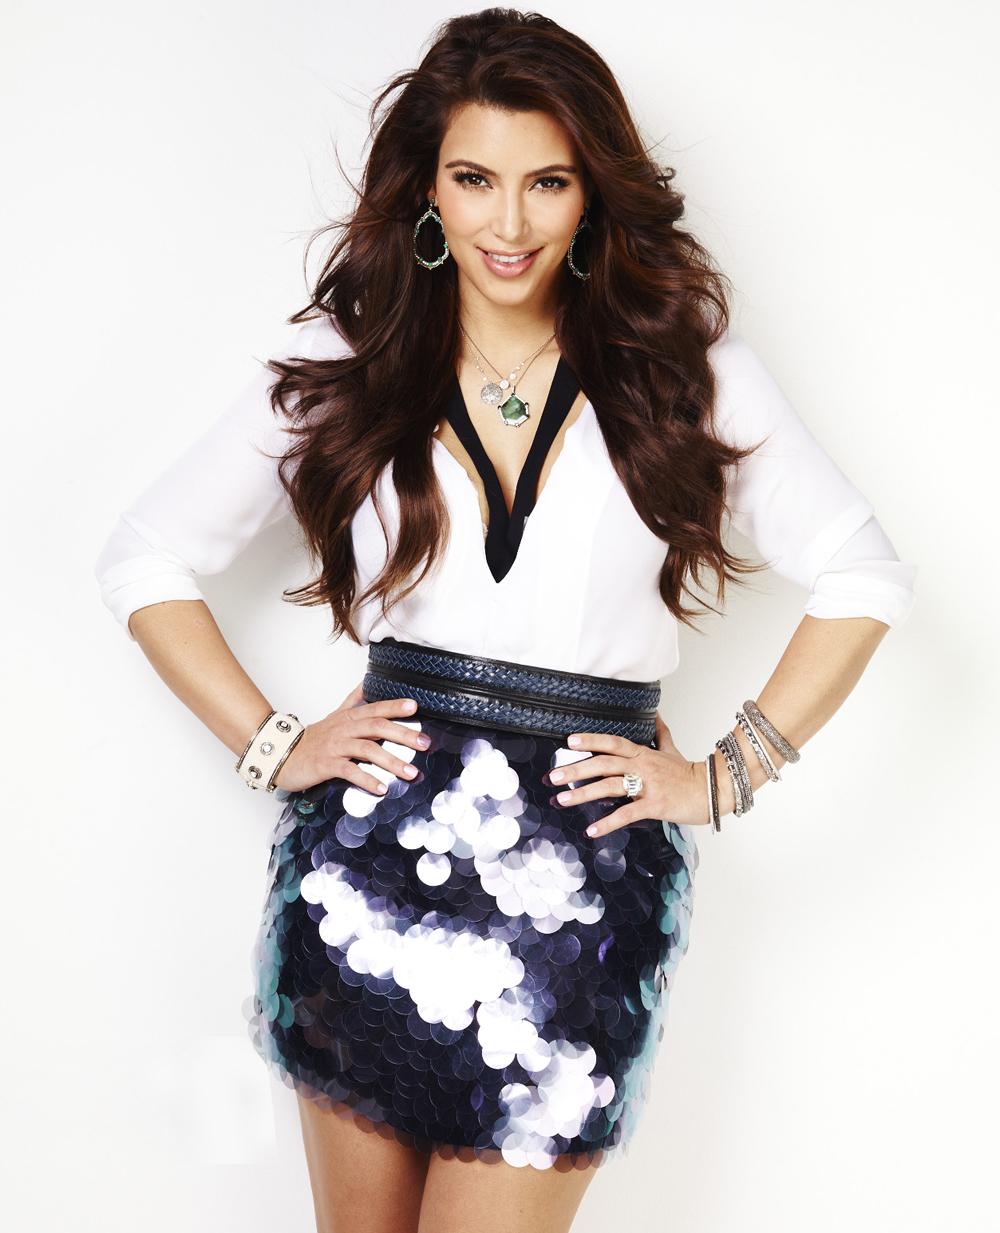 Kim Kardashian Wavy Curls 01